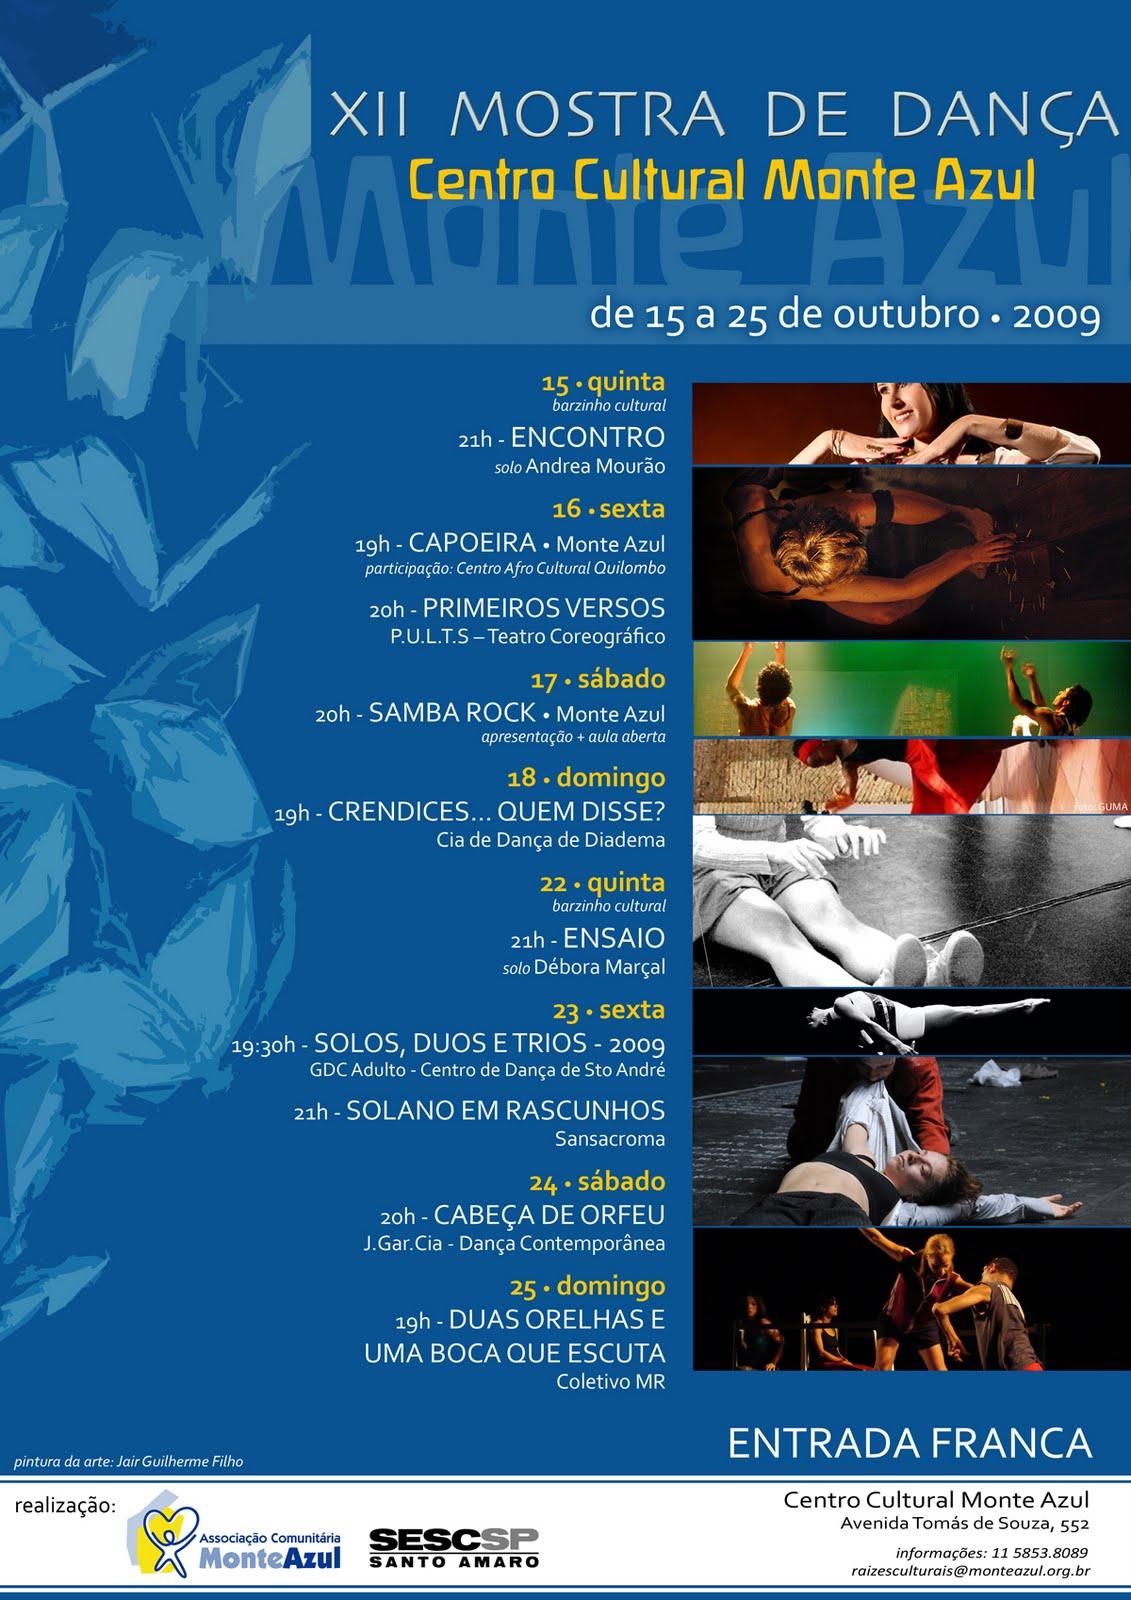 XII Mostra de Dança tem samba rock na programação